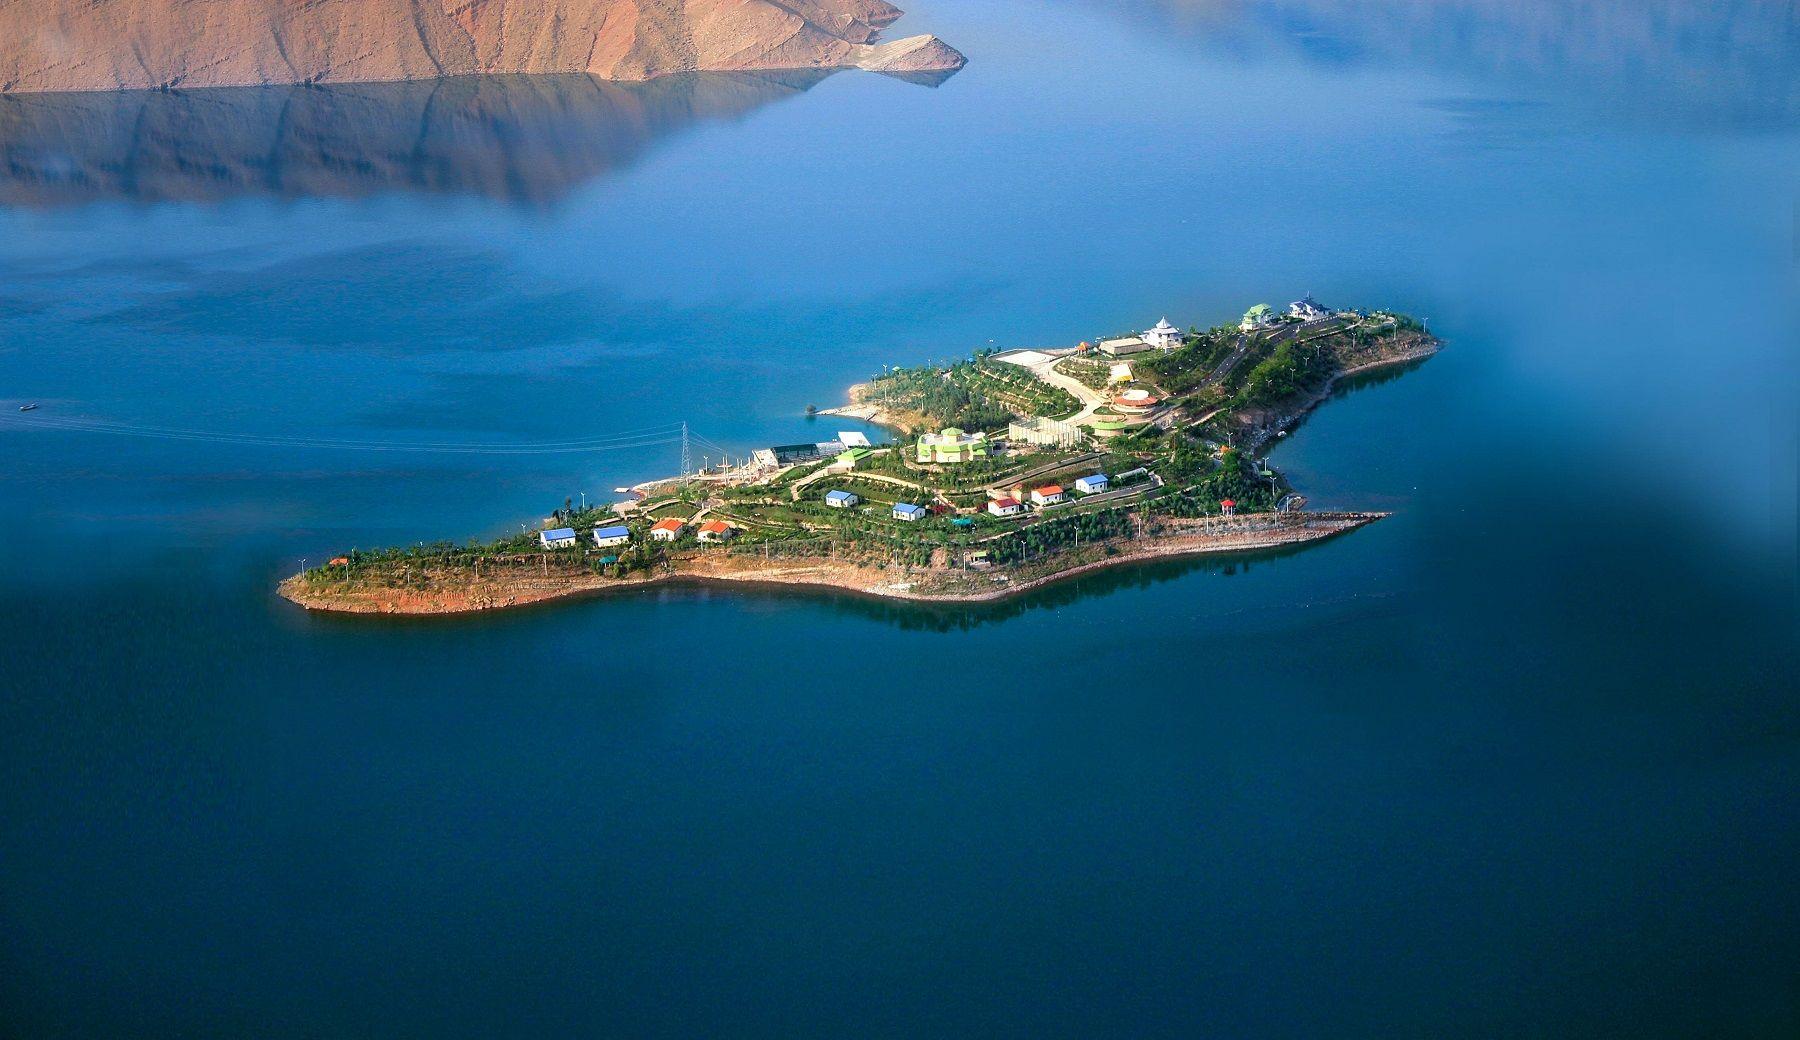 جزیره کوشک ، مرواریدی در دل آبهای کارون